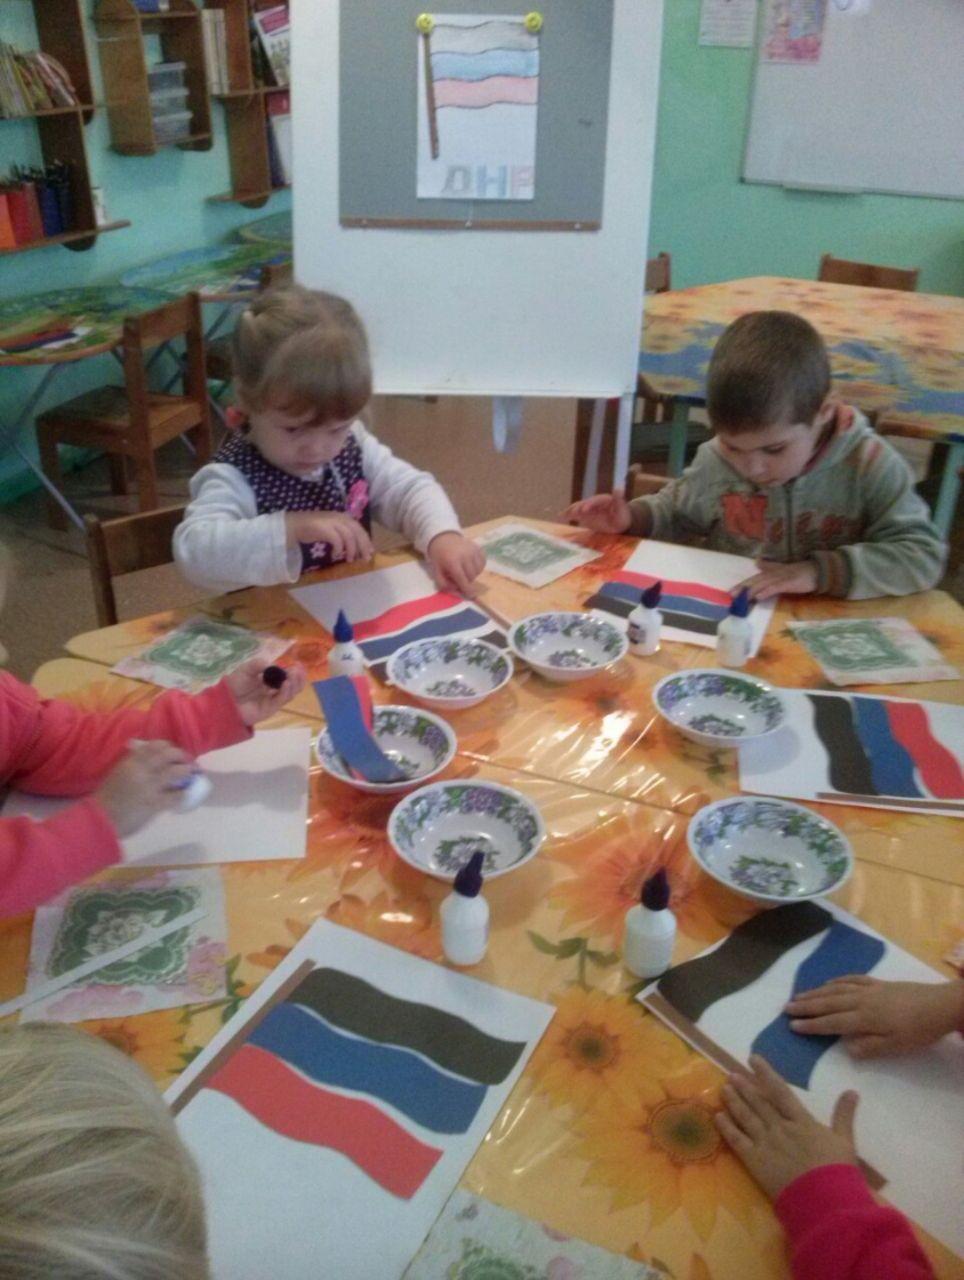 На творческих занятиях в садике детям оккупированного Донбасса приходится рисовать символику боевиков